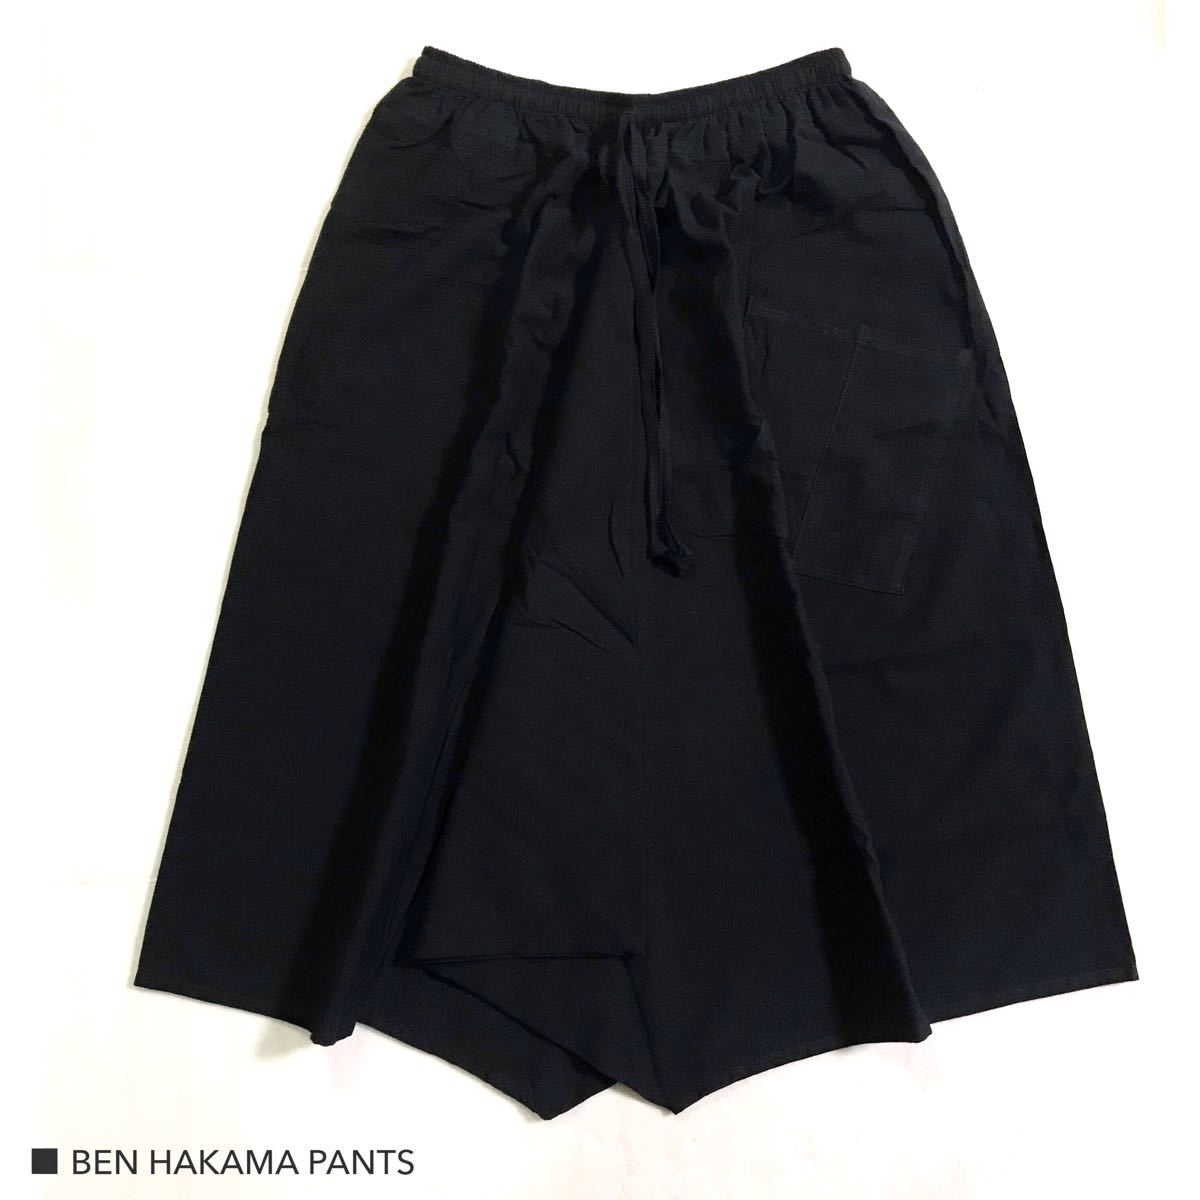 ブラック 袴パンツ サルエル ワイドパンツ ガウチョパンツ ショートパンツ